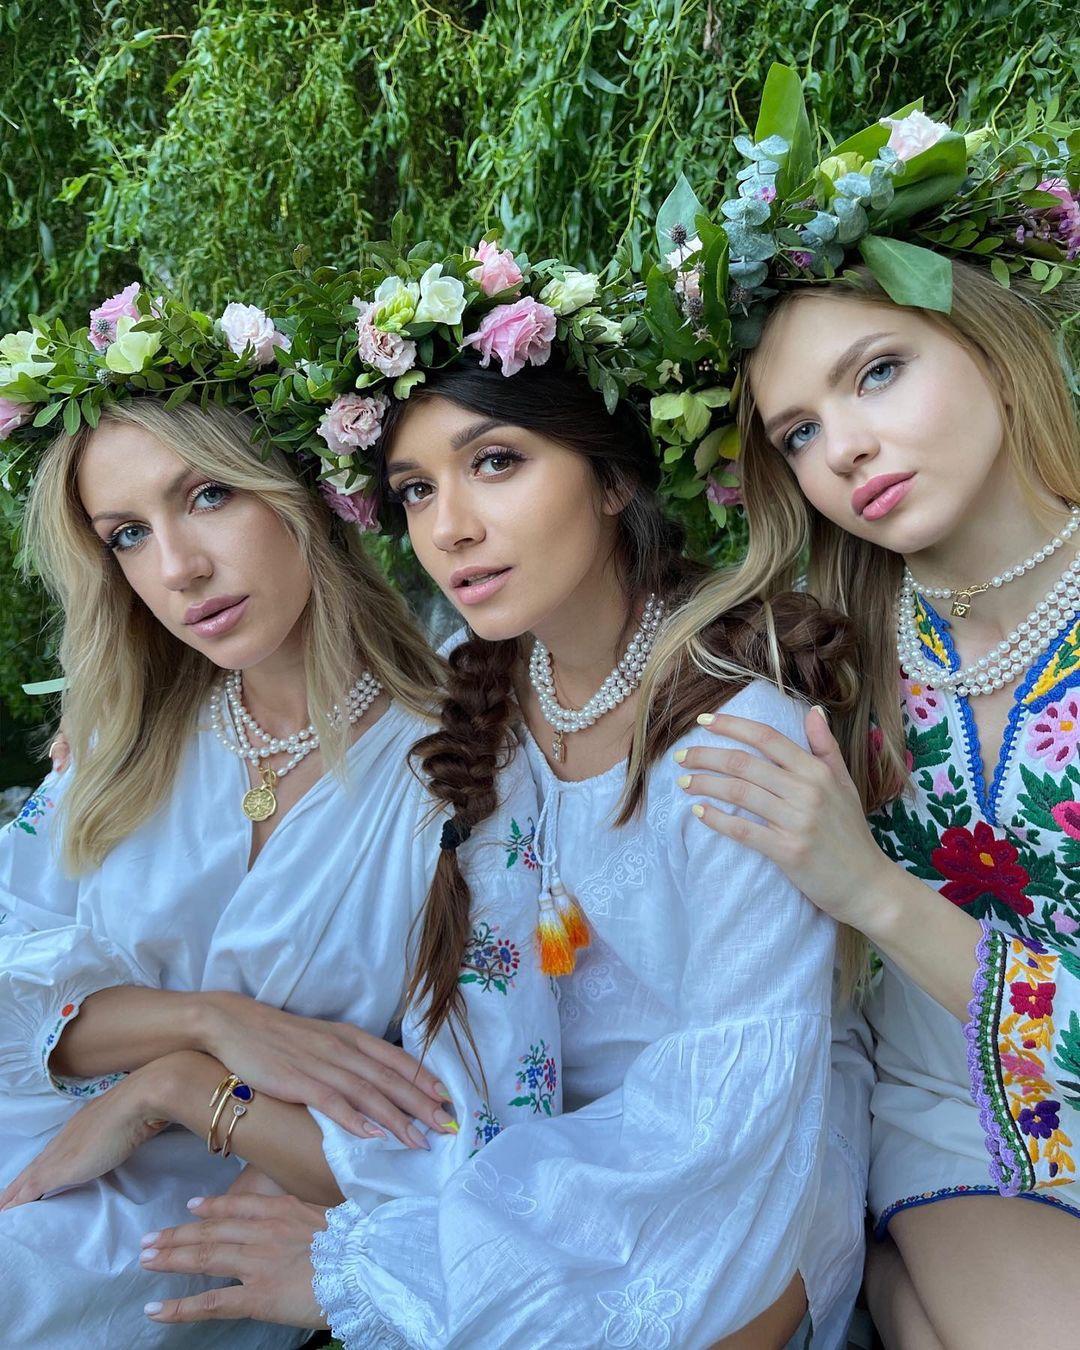 Ивана Купала в Instagram-ленте Кати Осадчей, Леси Никитюк и Фаины Тедеевой